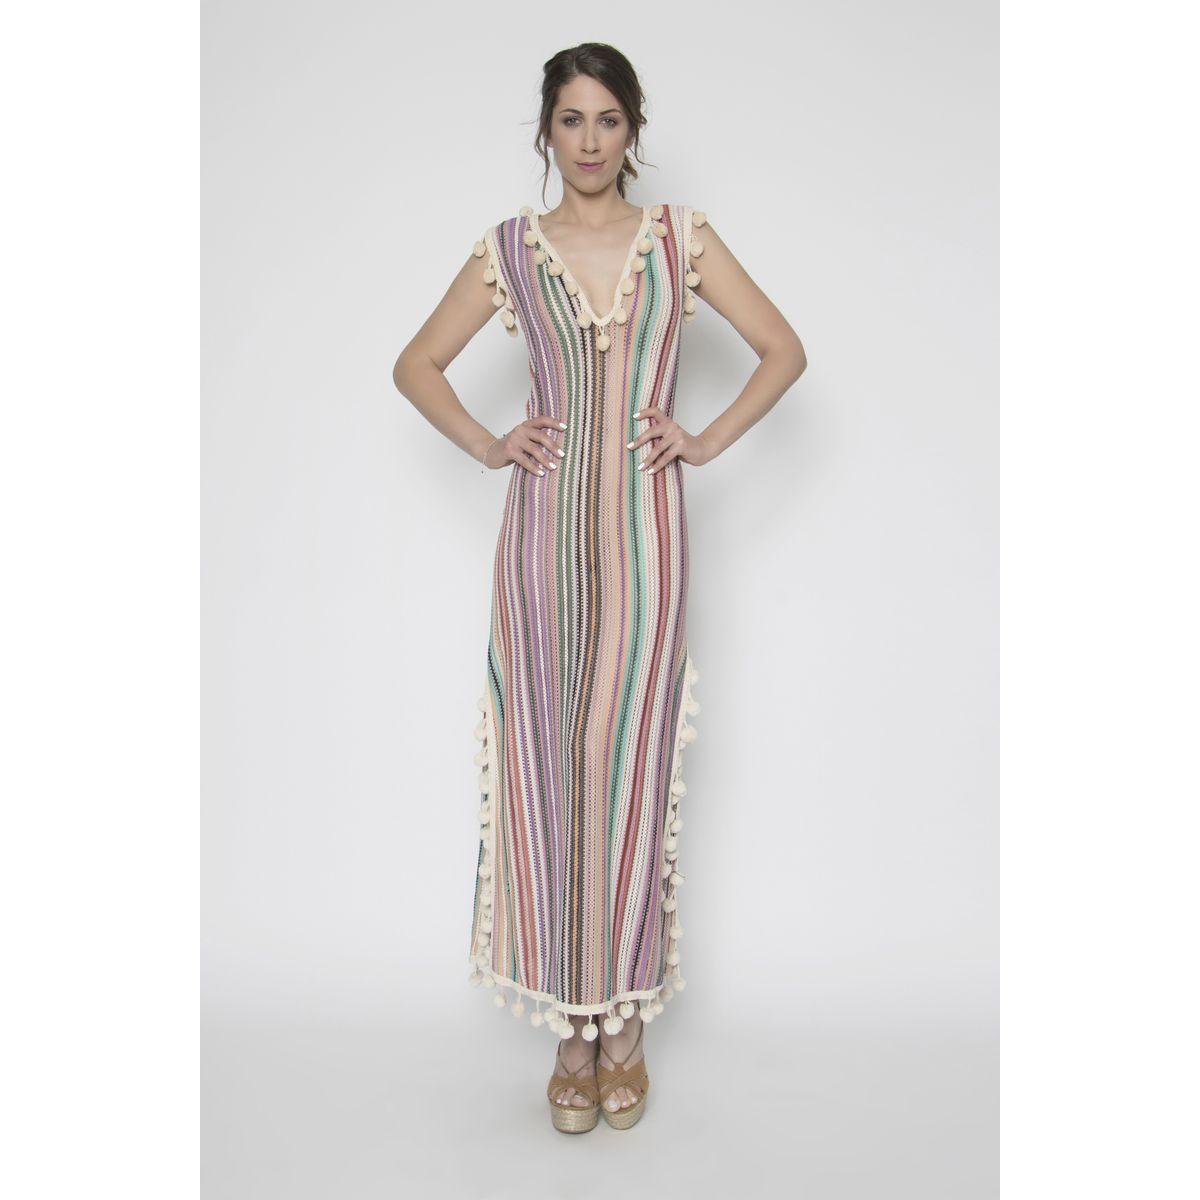 a6bbfa07df73 Φόρεμα καλοκαιρινό ριγέ για παραλία - Dressme